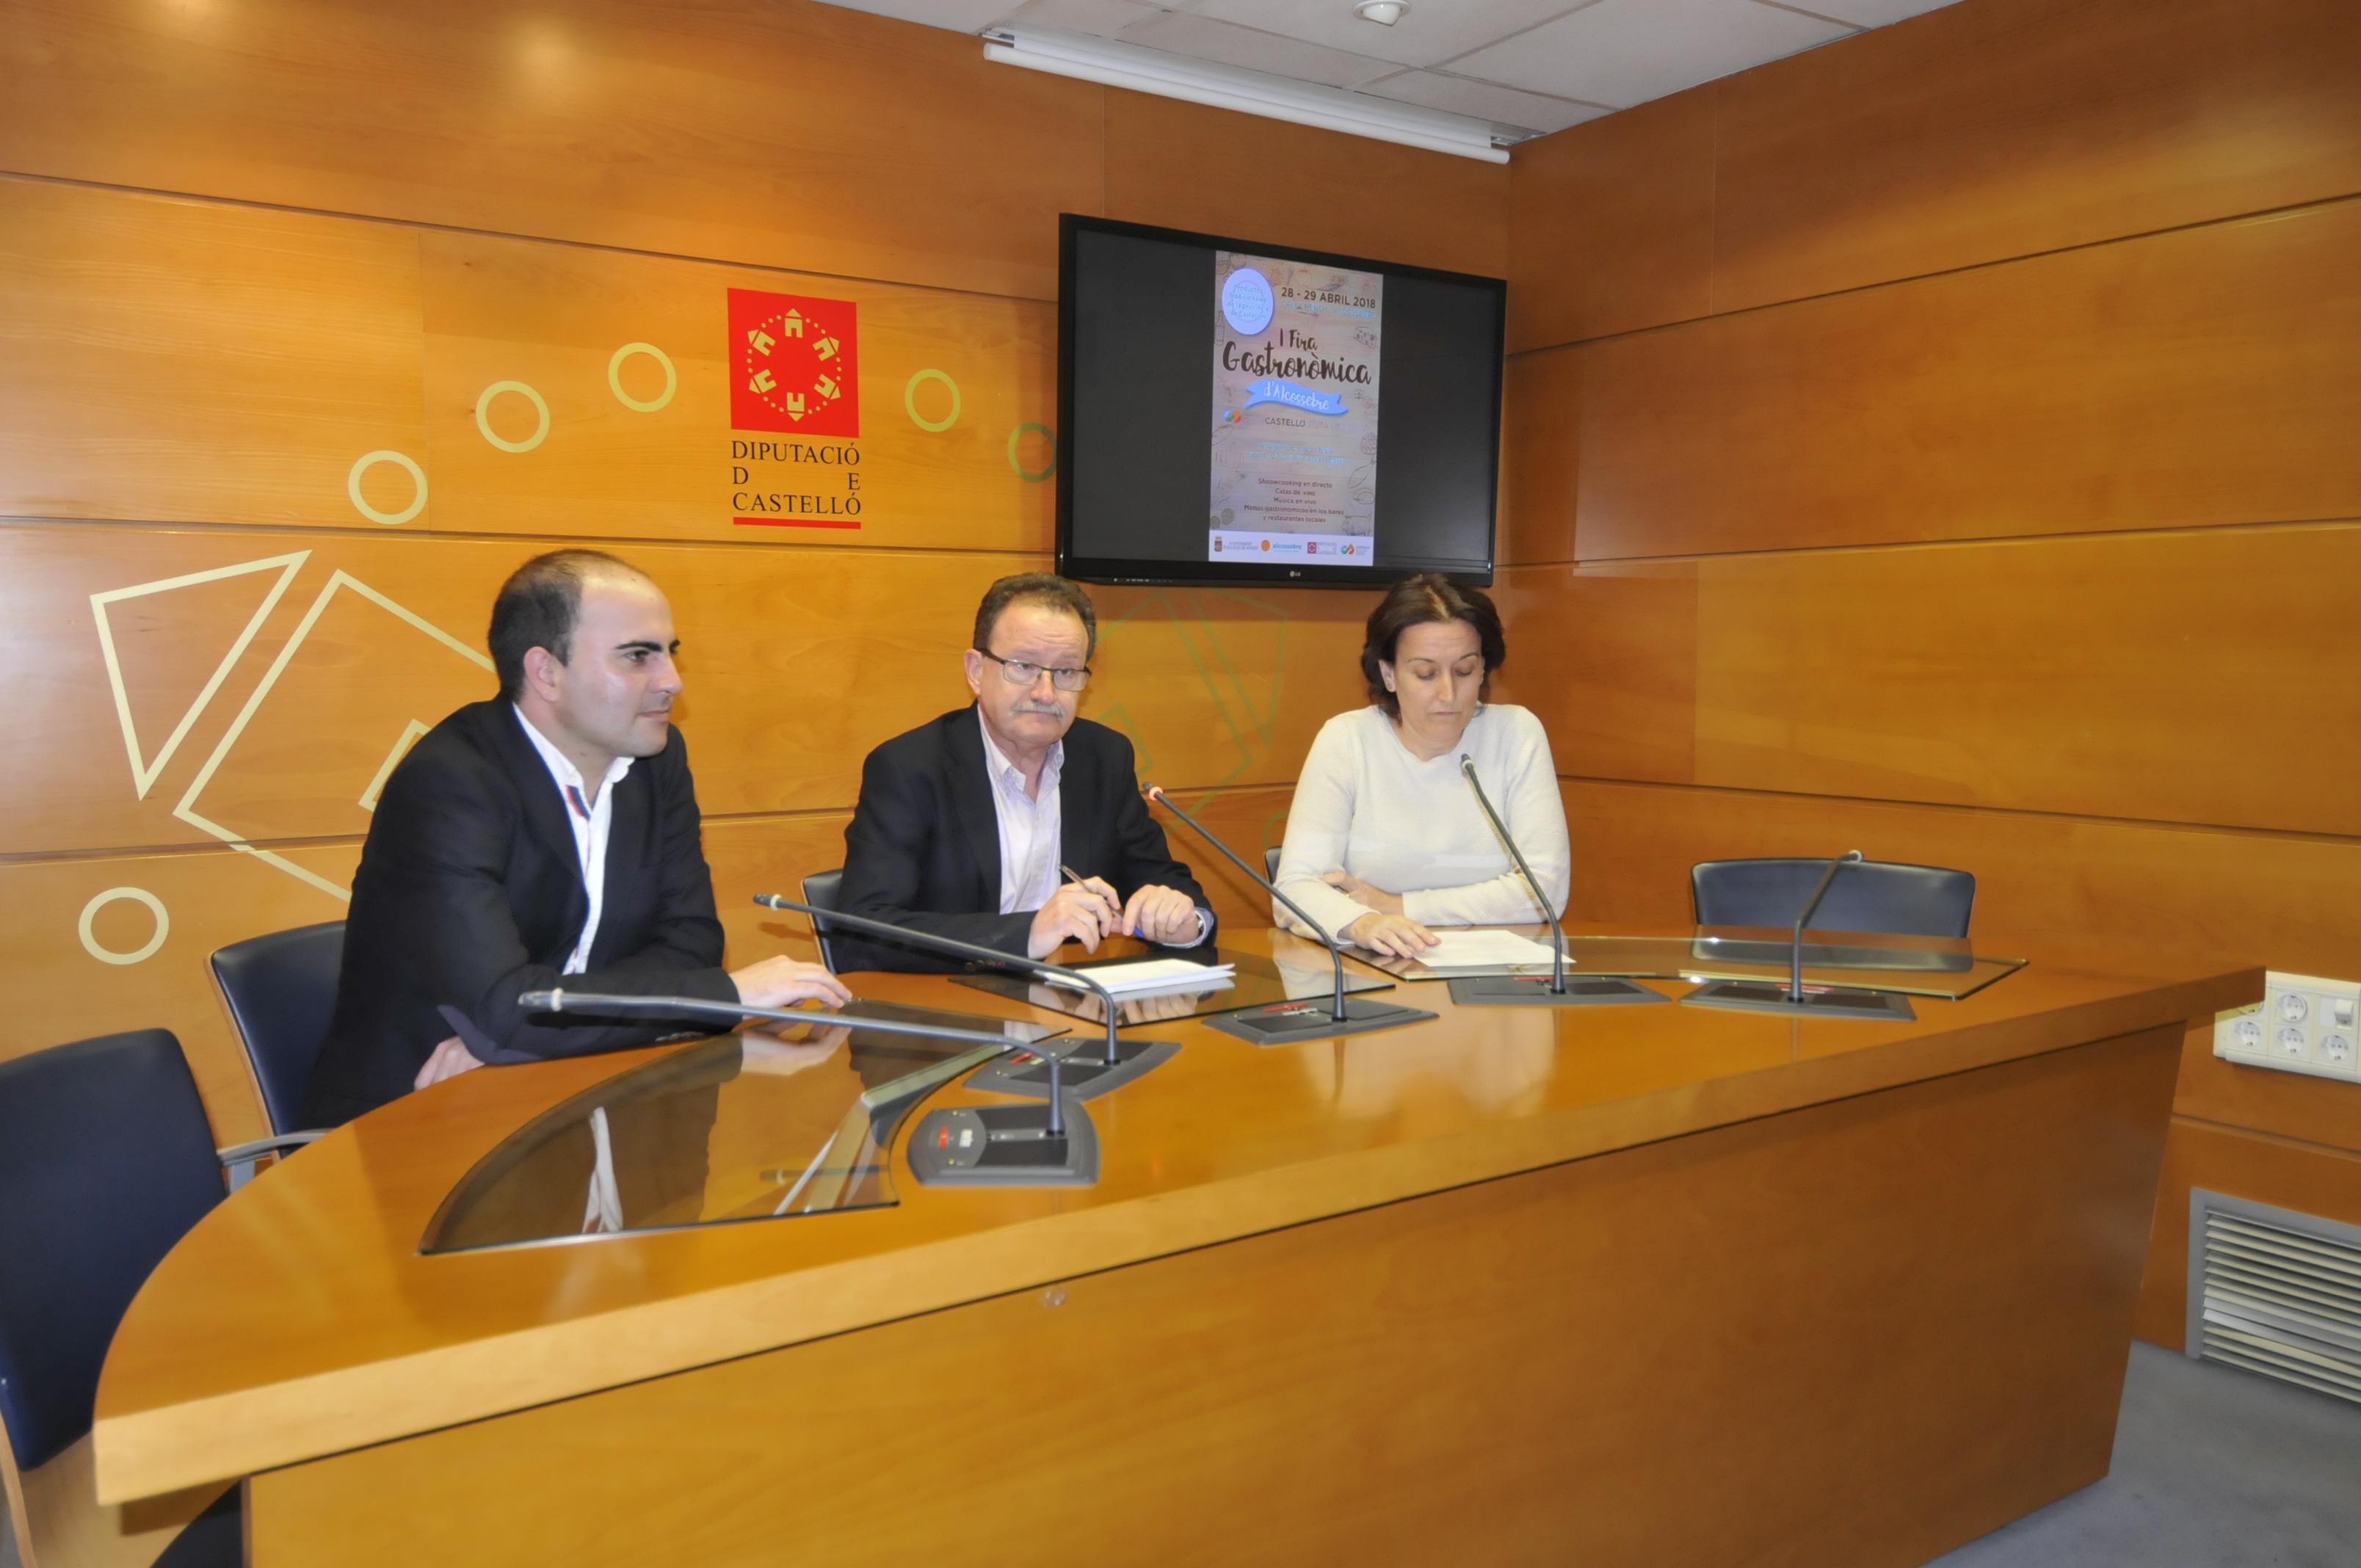 La Diputación de Castellón impulsa el turismo gastronómico en Alcalà de Xivert con la I Fira Gastronòmica Castelló Ruta de Sabor